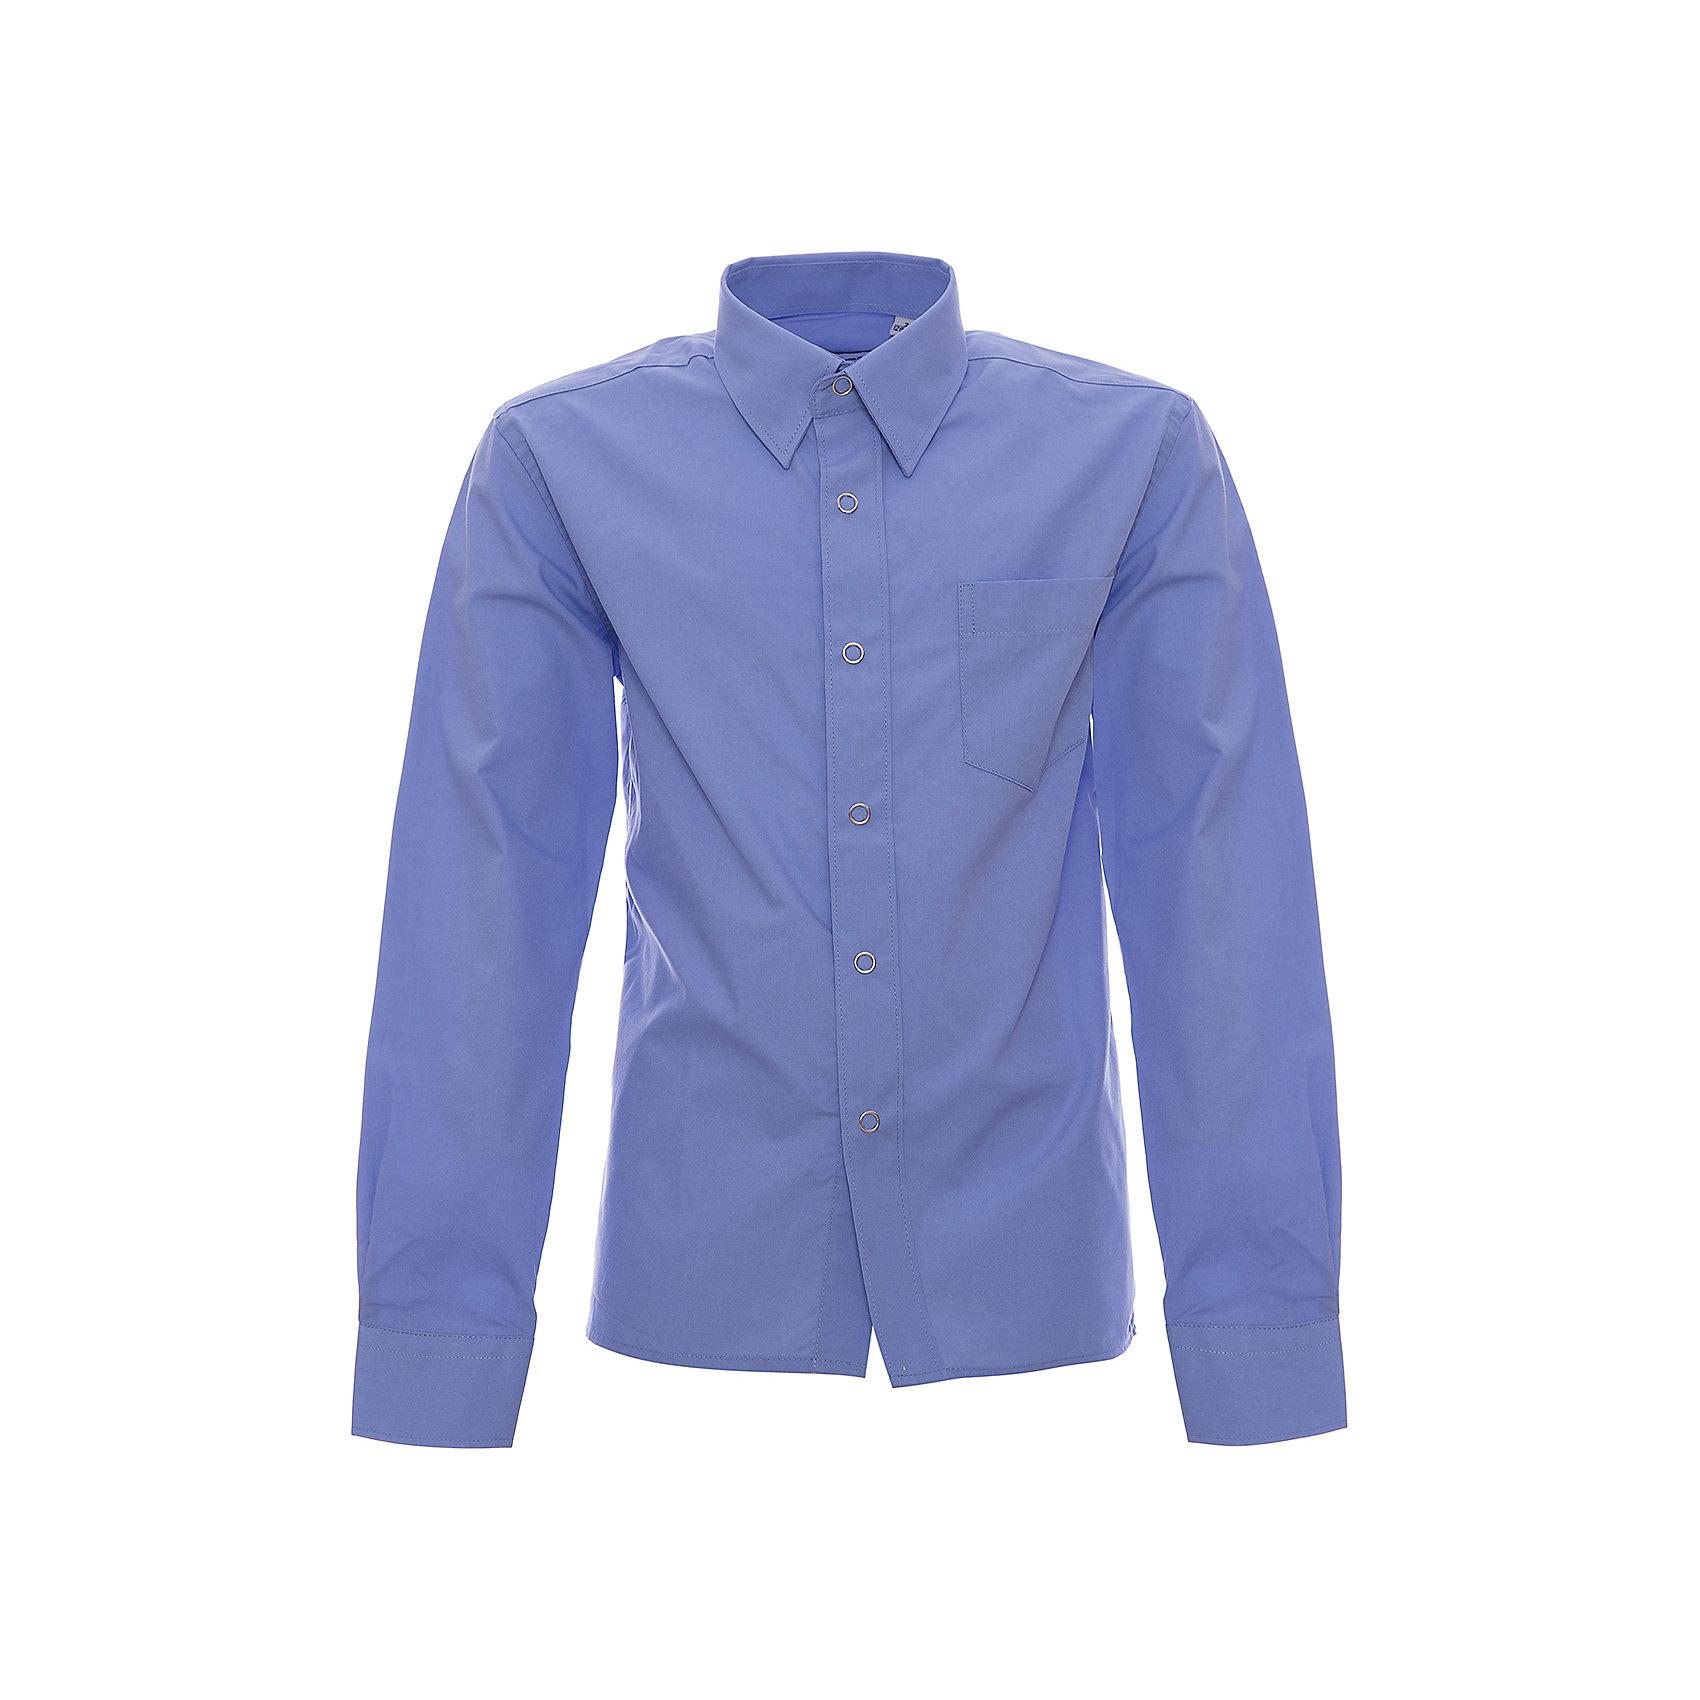 Рубашка CLASSIC для мальчика SkylakeБлузки и рубашки<br>Сорочка детская для мальчика<br>Состав:<br>80% хлопок, 20% п/э<br><br>Ширина мм: 174<br>Глубина мм: 10<br>Высота мм: 169<br>Вес г: 157<br>Цвет: синий<br>Возраст от месяцев: 144<br>Возраст до месяцев: 156<br>Пол: Мужской<br>Возраст: Детский<br>Размер: 158,122,128,134,140,146,152<br>SKU: 6772703